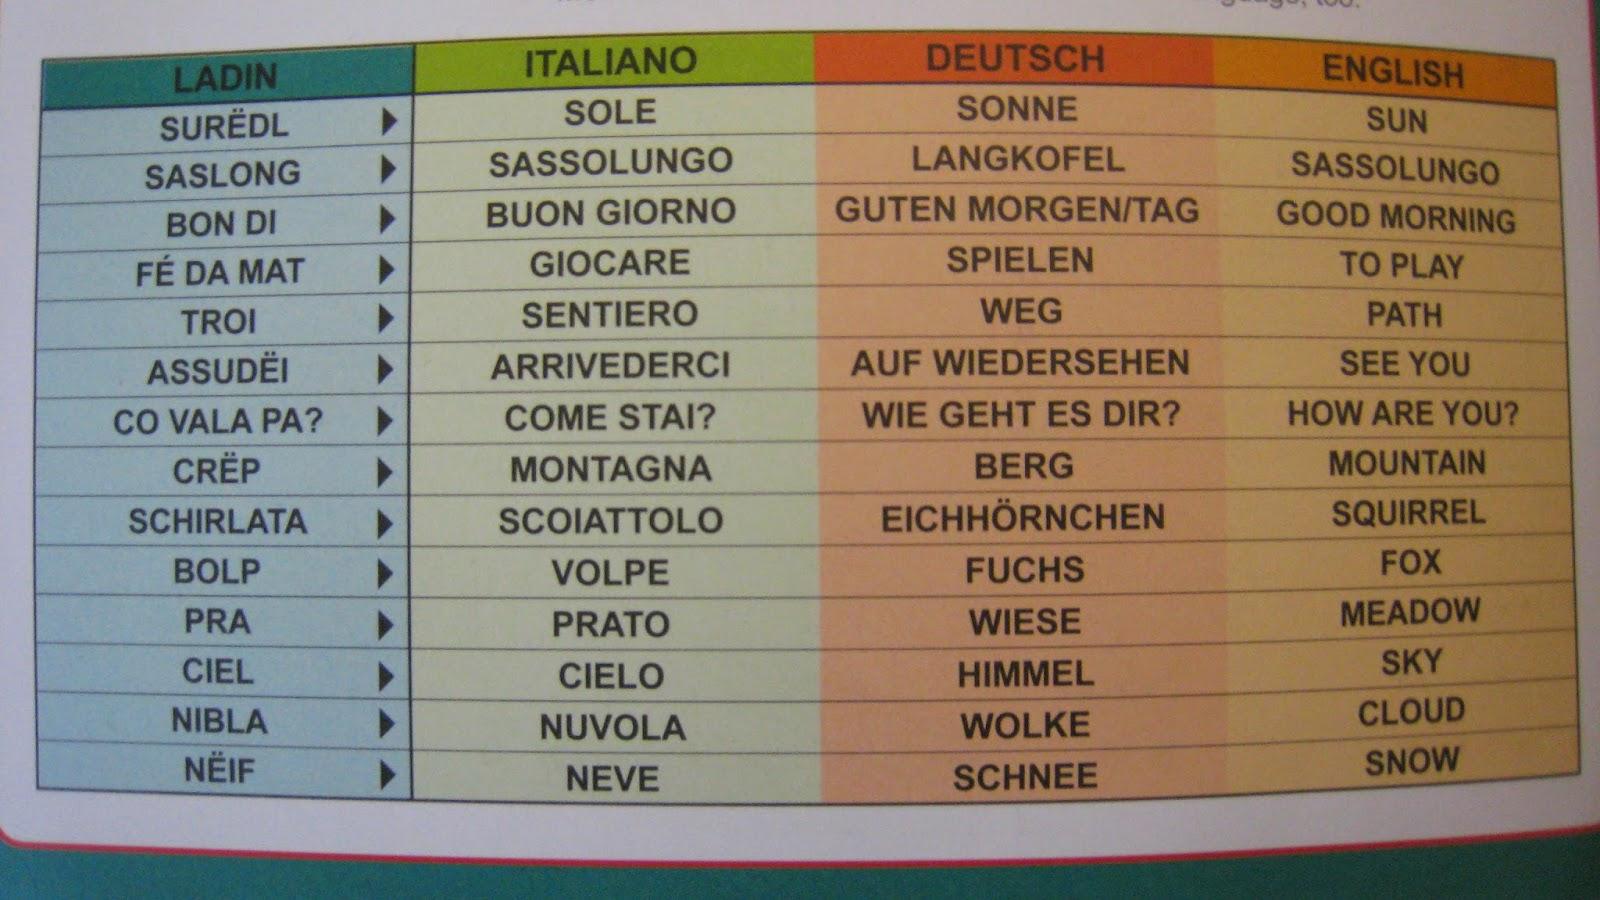 Vuurbeeldzinnekes in et Ladiens, Italjaans, Duuts en Engels. (foto: wwwvalgardenait.blogspot.nl/)